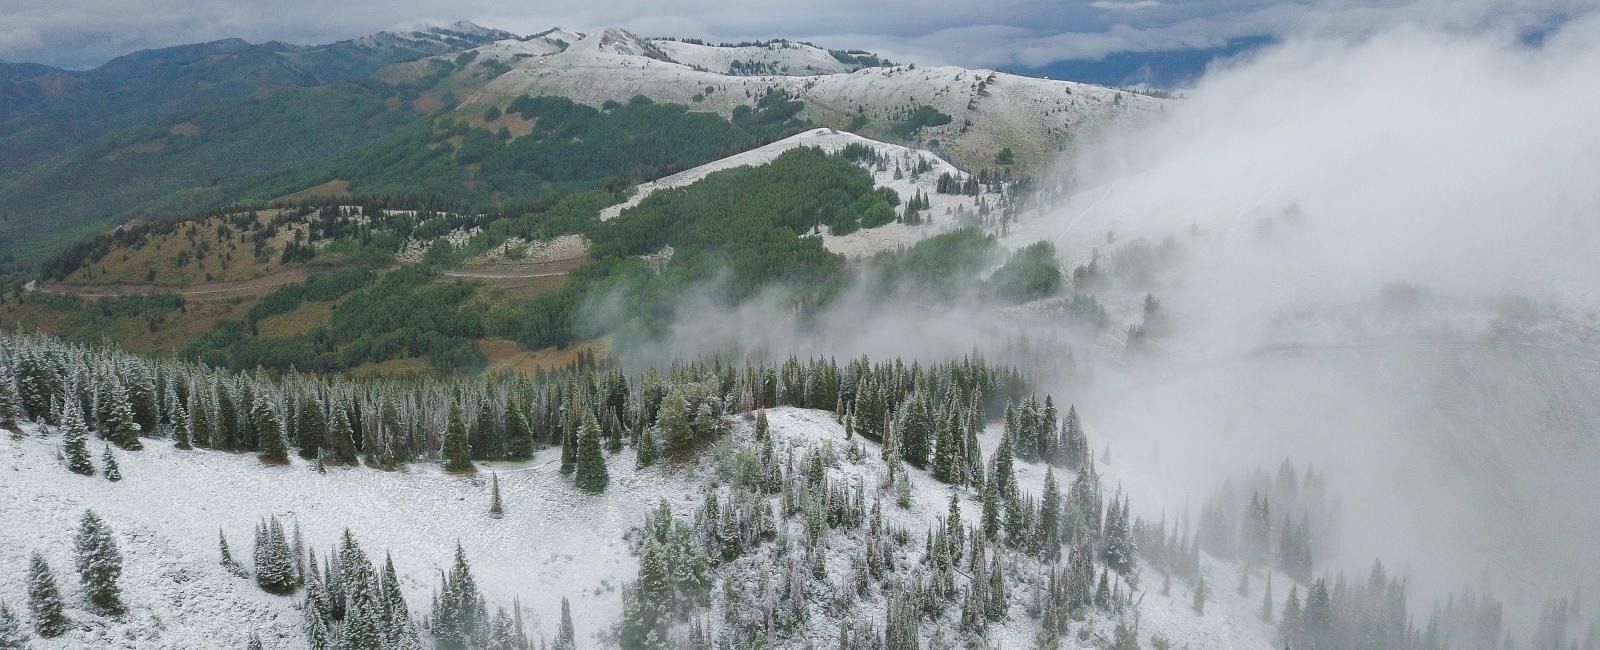 Utah's First Snow September 2019